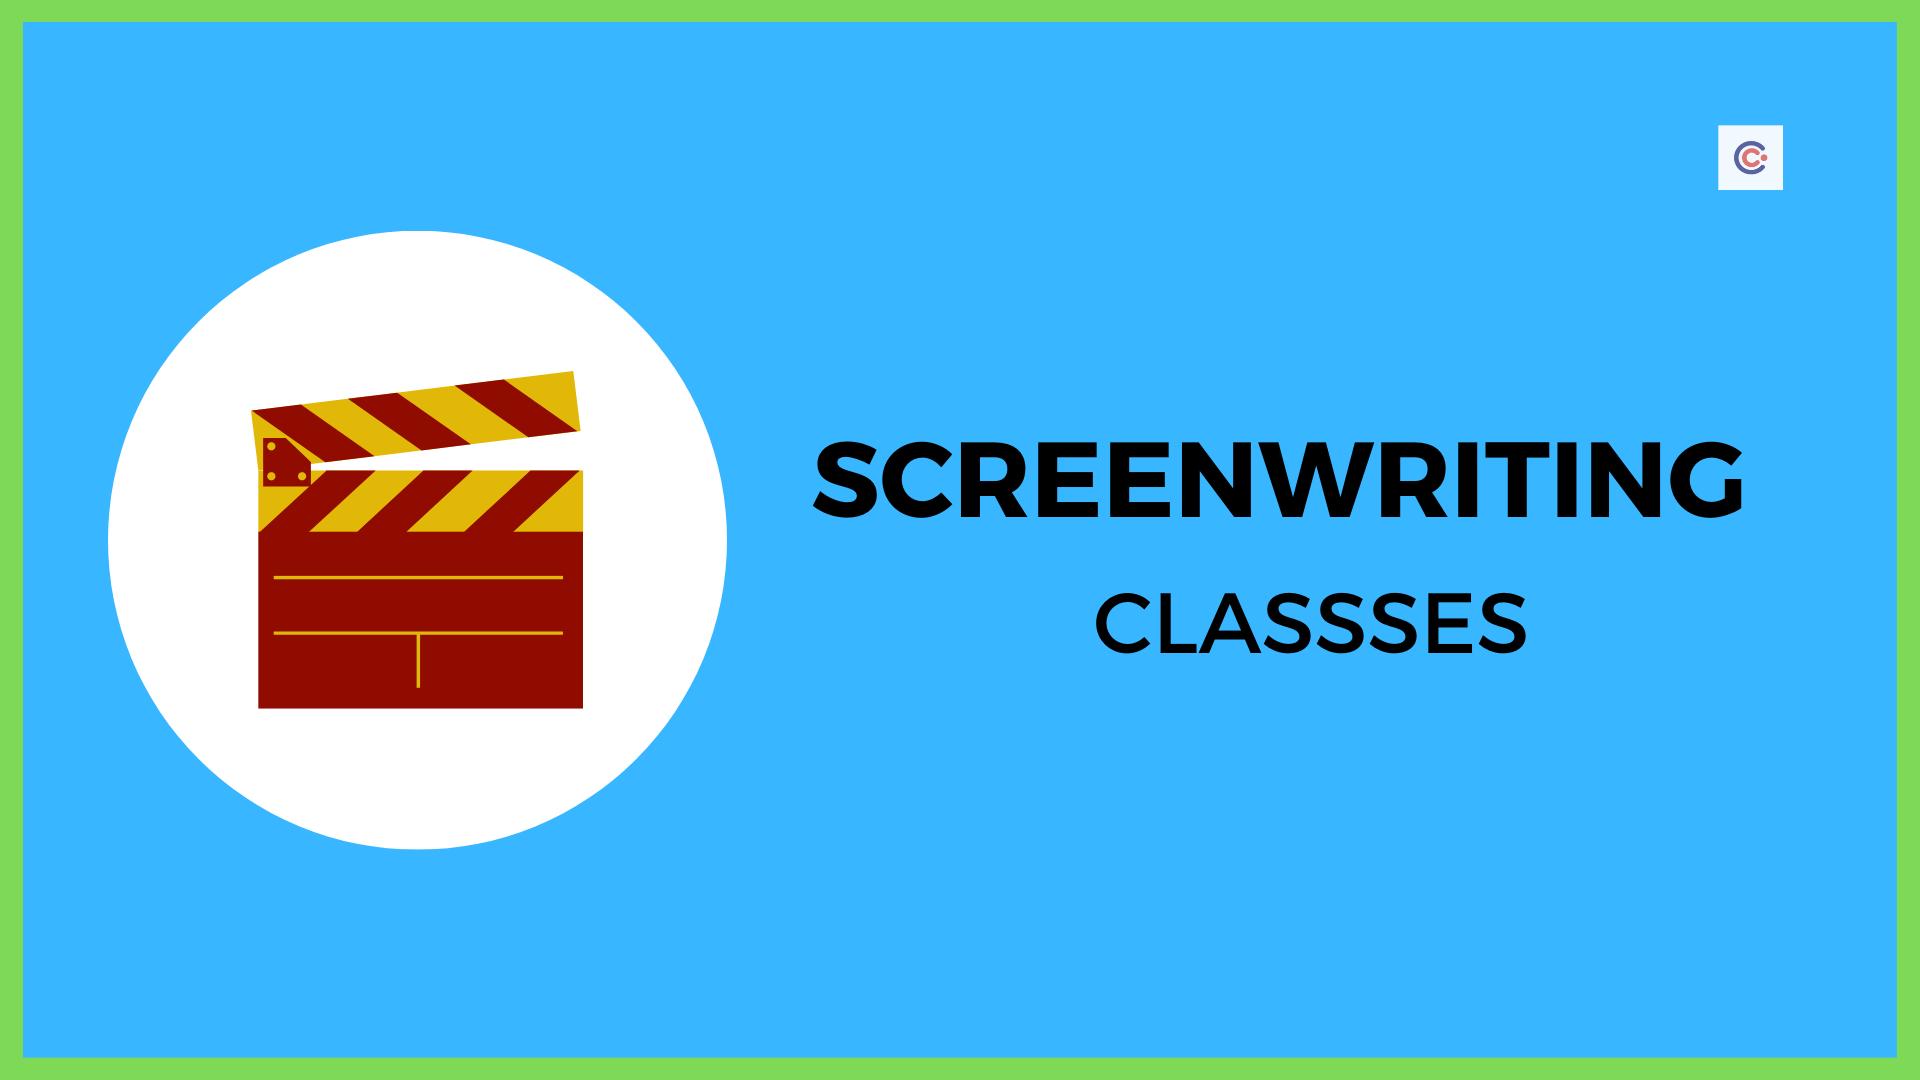 7 Best Screenwriting Classes - Learn Screenwriting Online